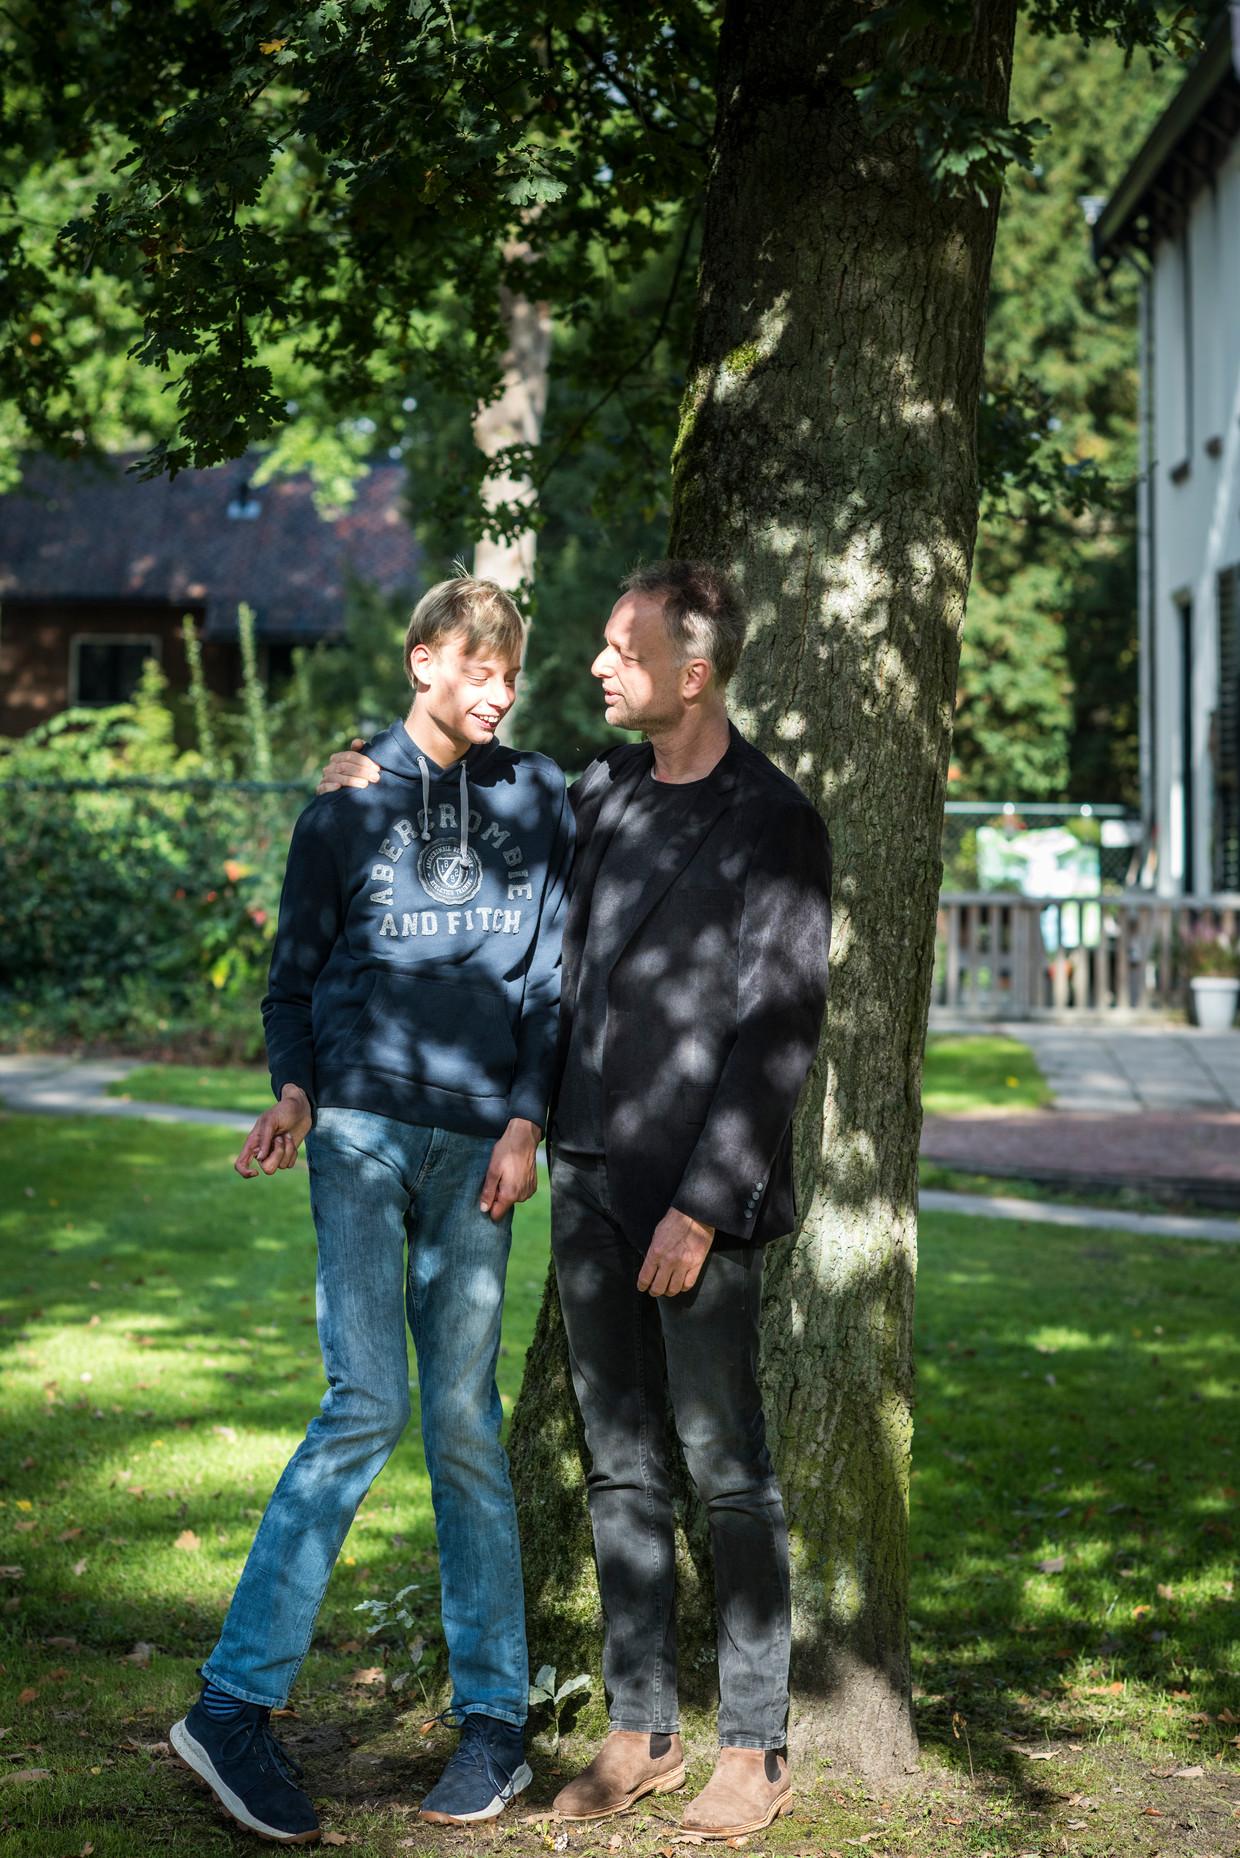 De meervoudig gehandicapte Boris met zijn vader, die in dit verhaal beschrijft hoe hij op zoek ging naar een huis waar Boris terecht kon. Beeld Linelle Deunk